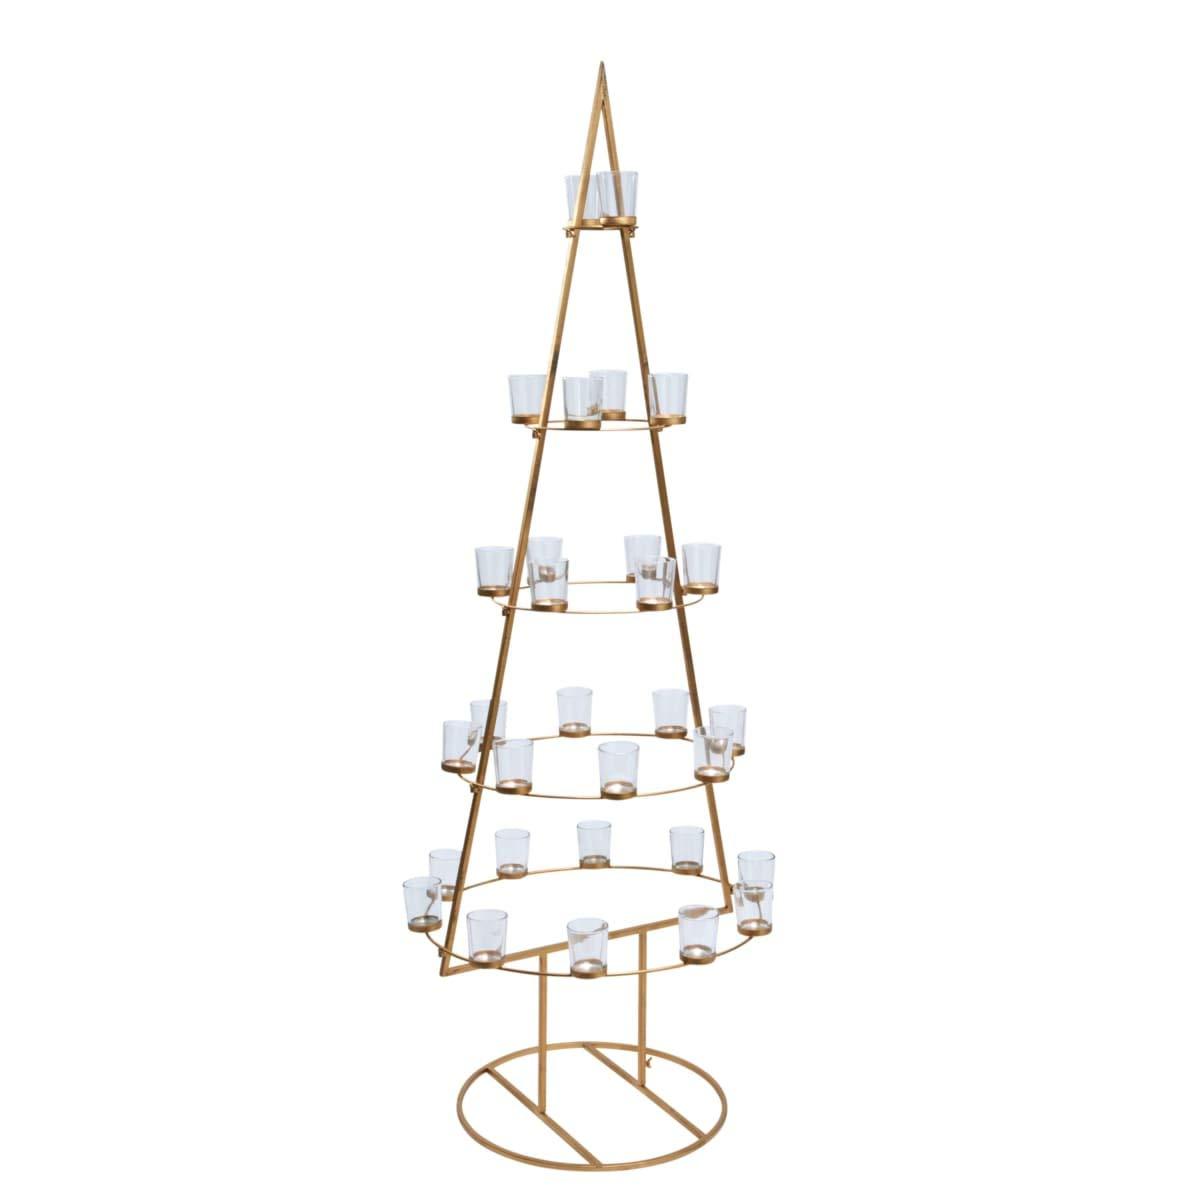 Weihnachtsdeko Globus.Purotay Weihnachtsbaum Golden Tree Kerzenhalter Metall Gold